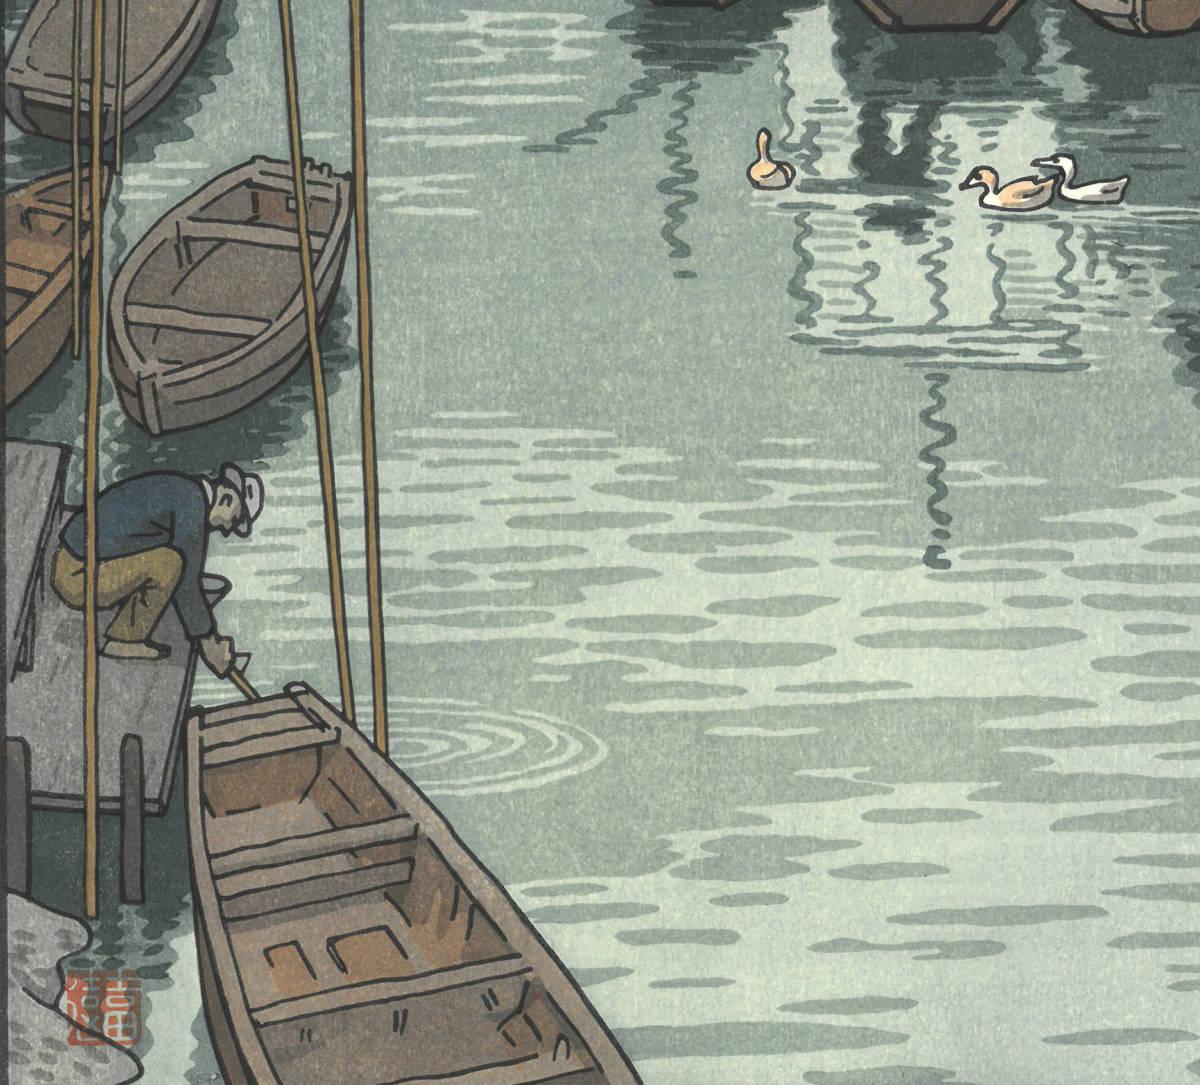 吉田遠志 木版画  015101 浦安 (Urayasu)  初摺1951年    最高峰の摺師の技をご堪能下さい!!_画像10